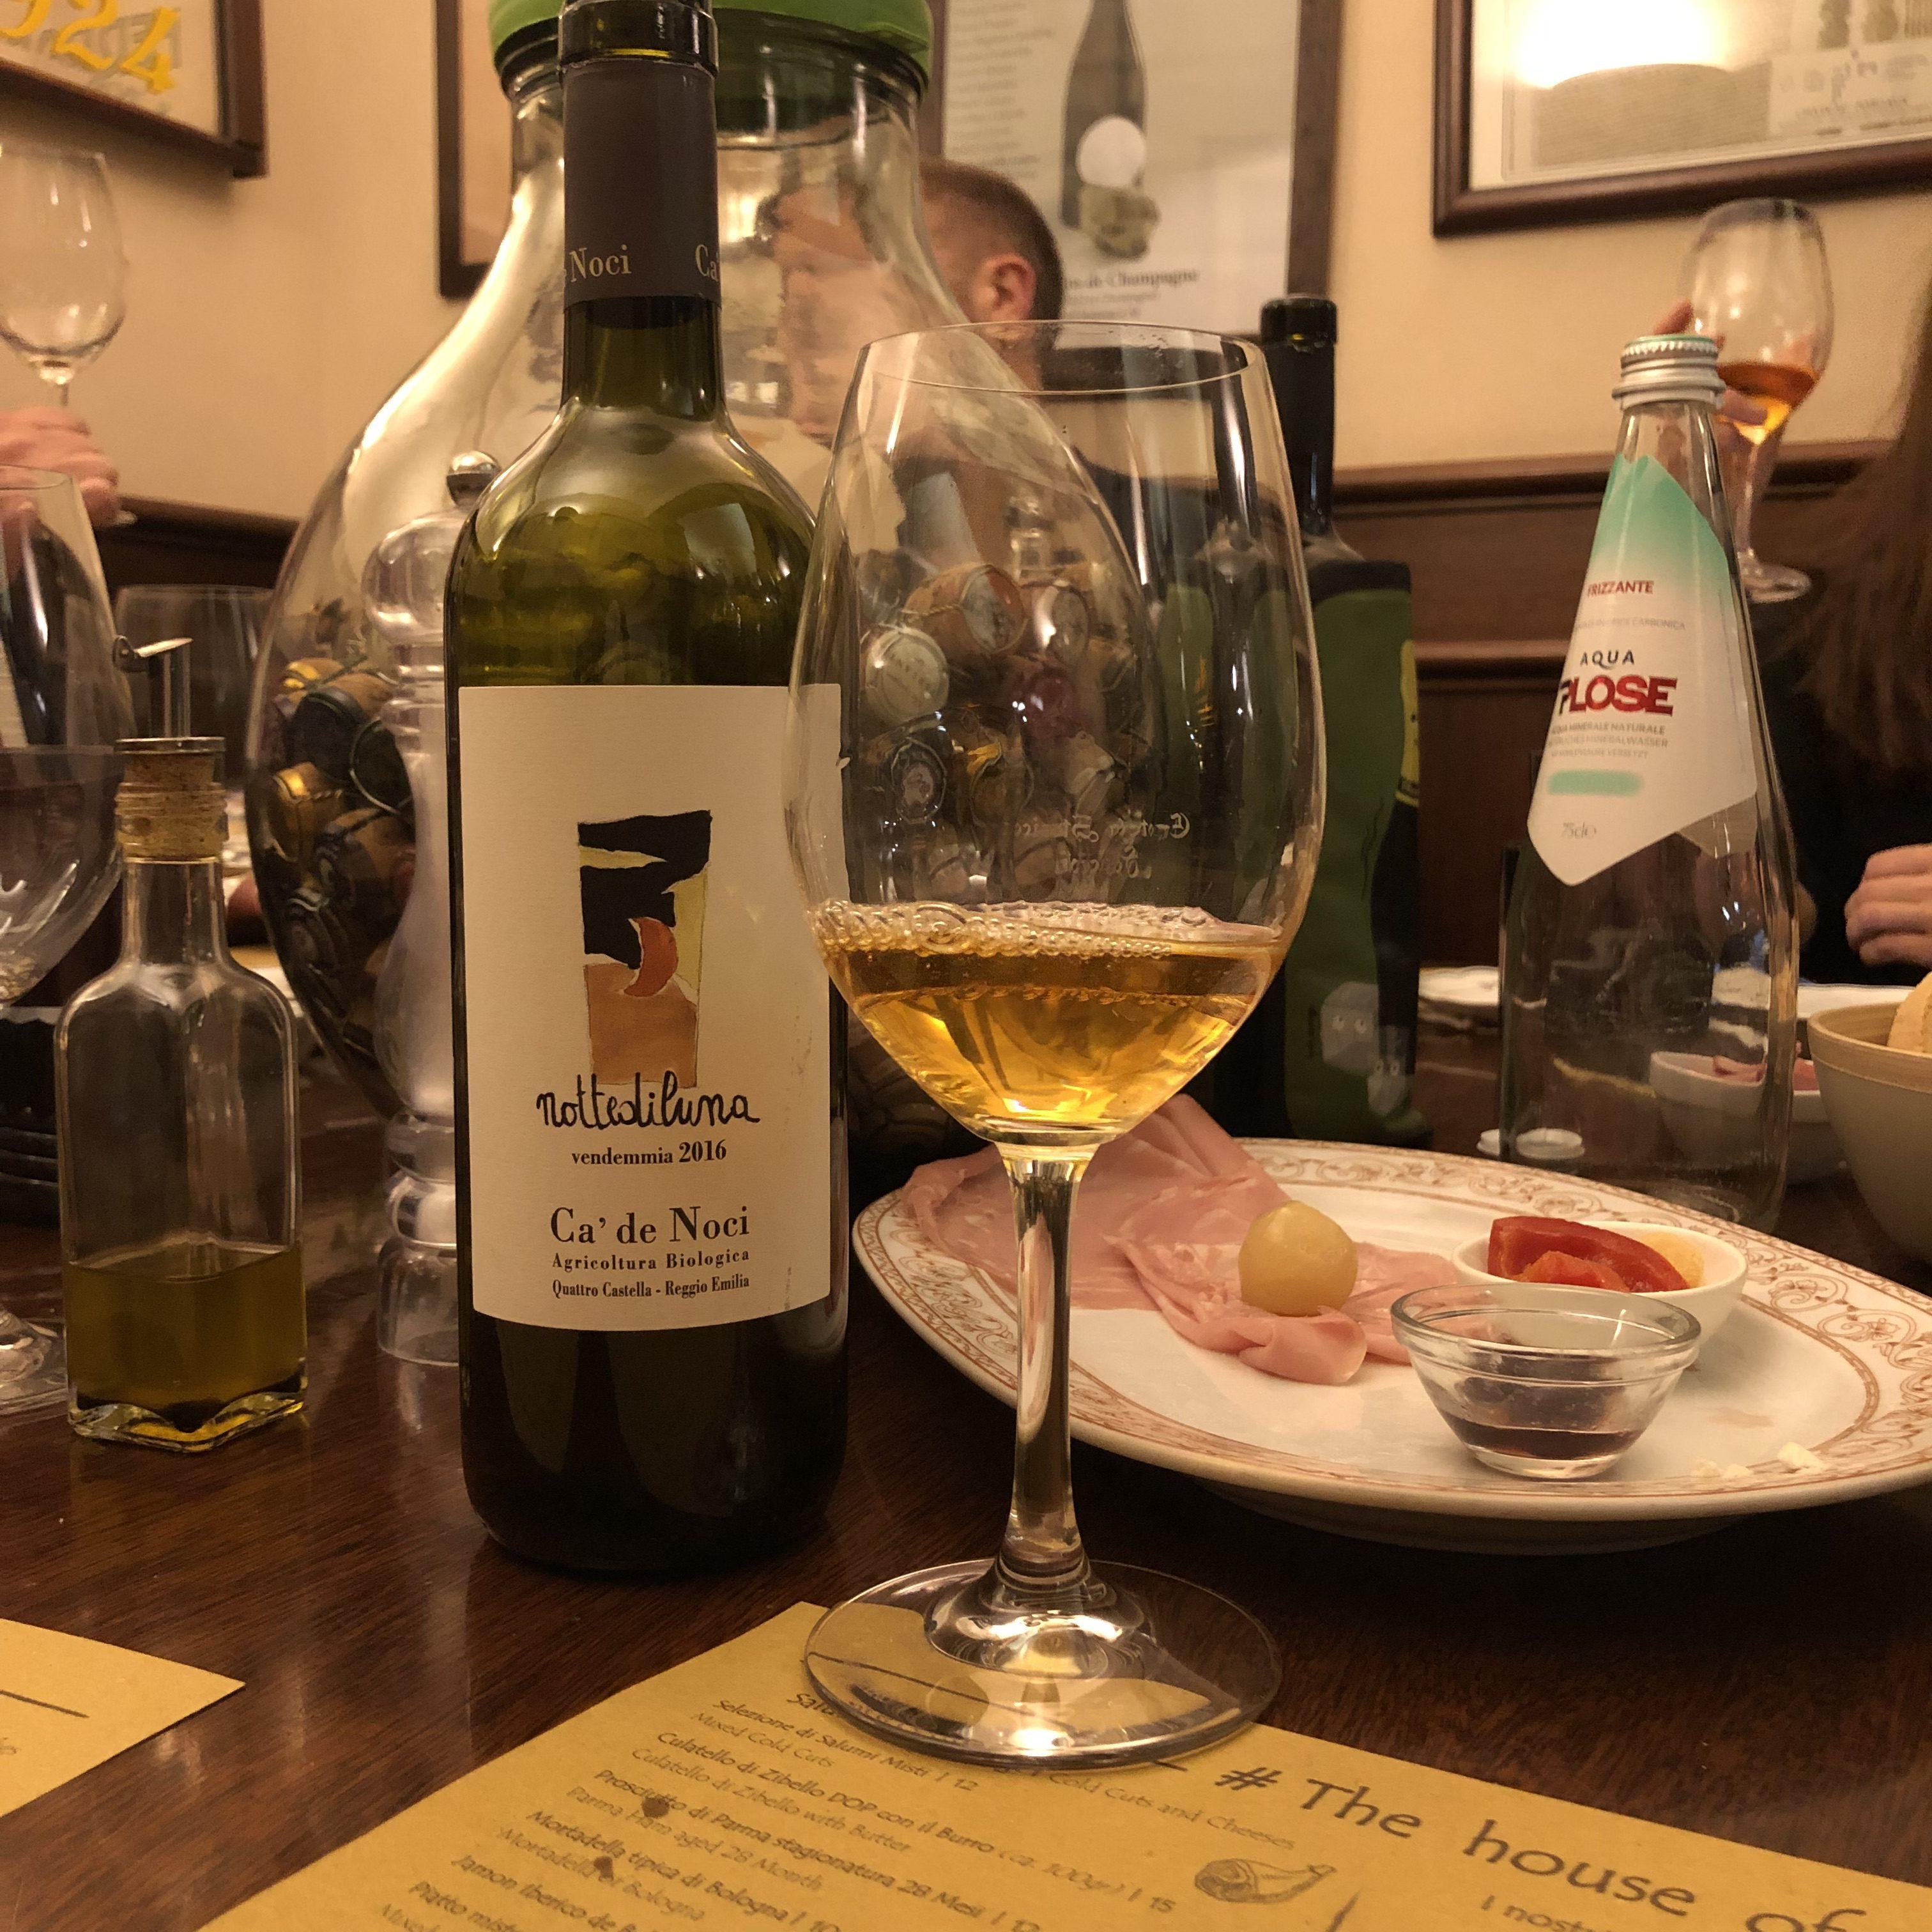 Du som åker till Bologna får inte missa naturvinsbaren Enoteca Storica Faccioli! Orange viner stötte jag på första gången på baren Dandelyan på lyxhotellet Mondrian i London. Sedan dess har jag...